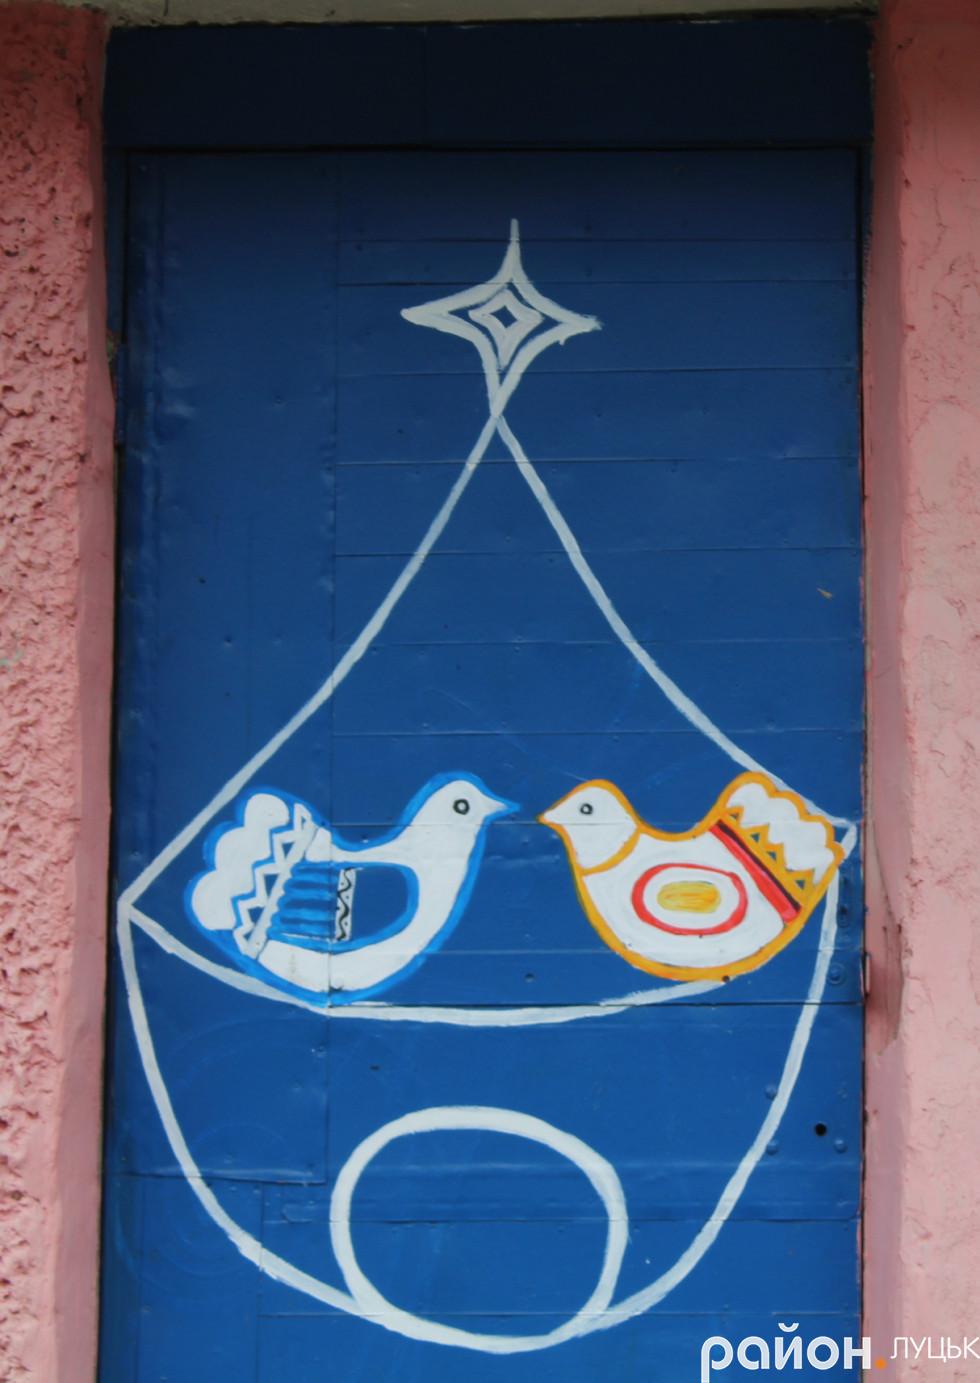 Мешканці будинків намалювали дві пташки на дверях